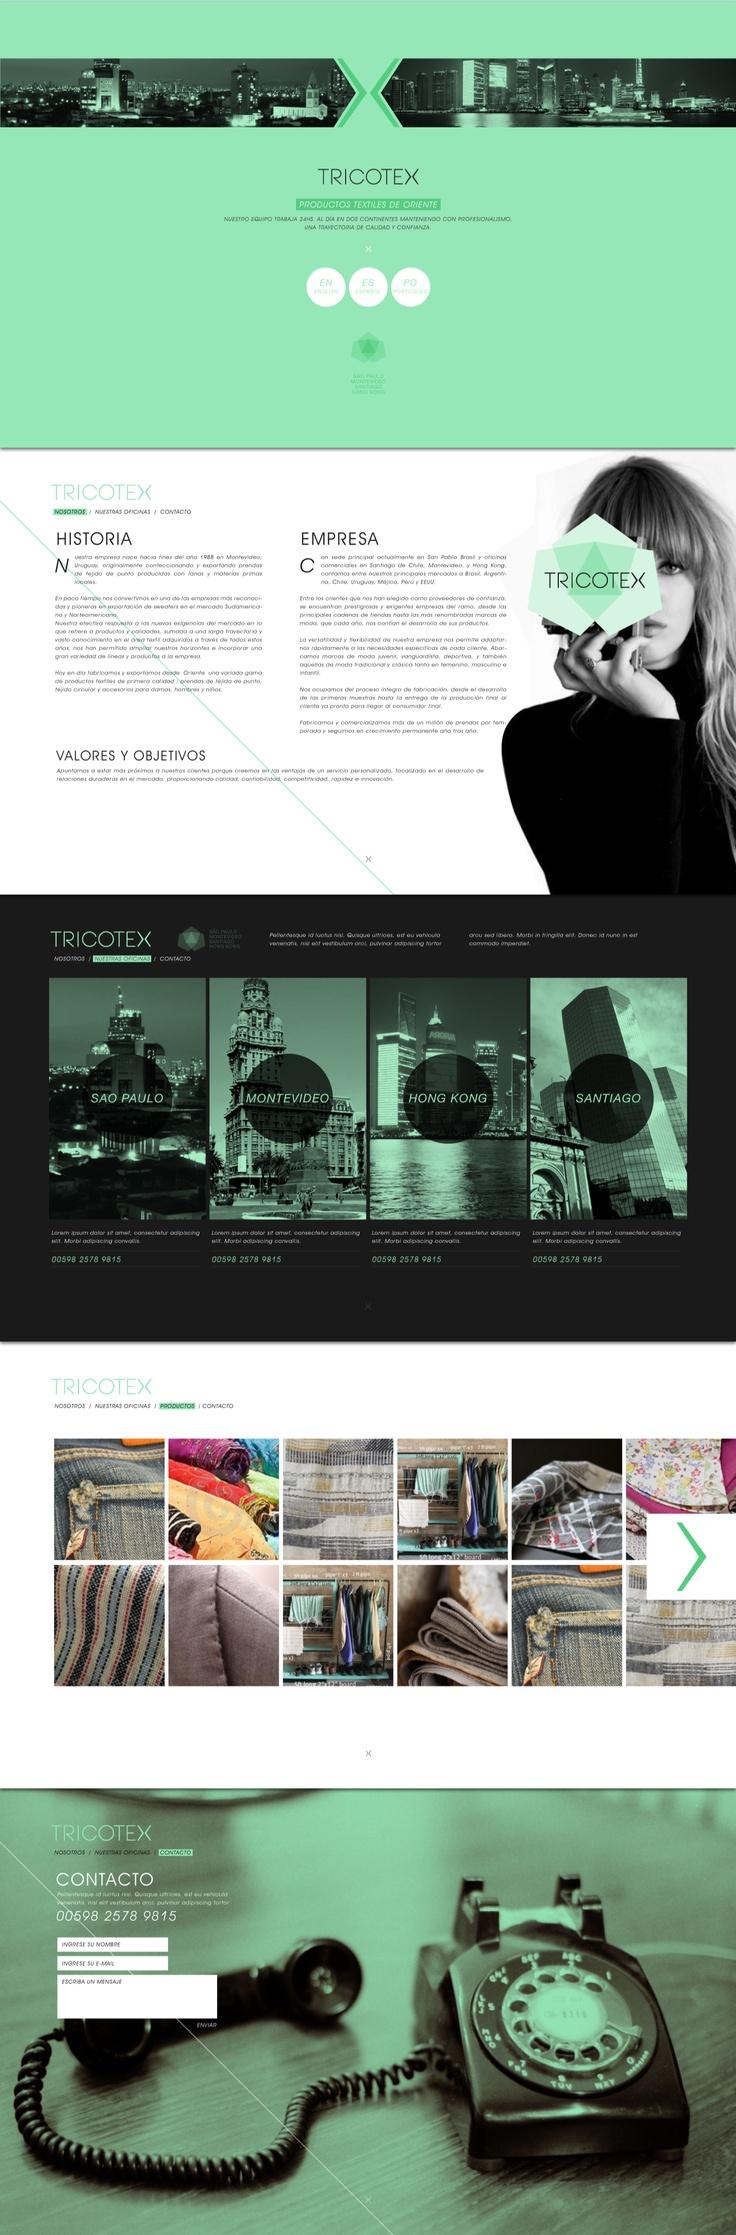 Diseño web, realizado en Cardinal